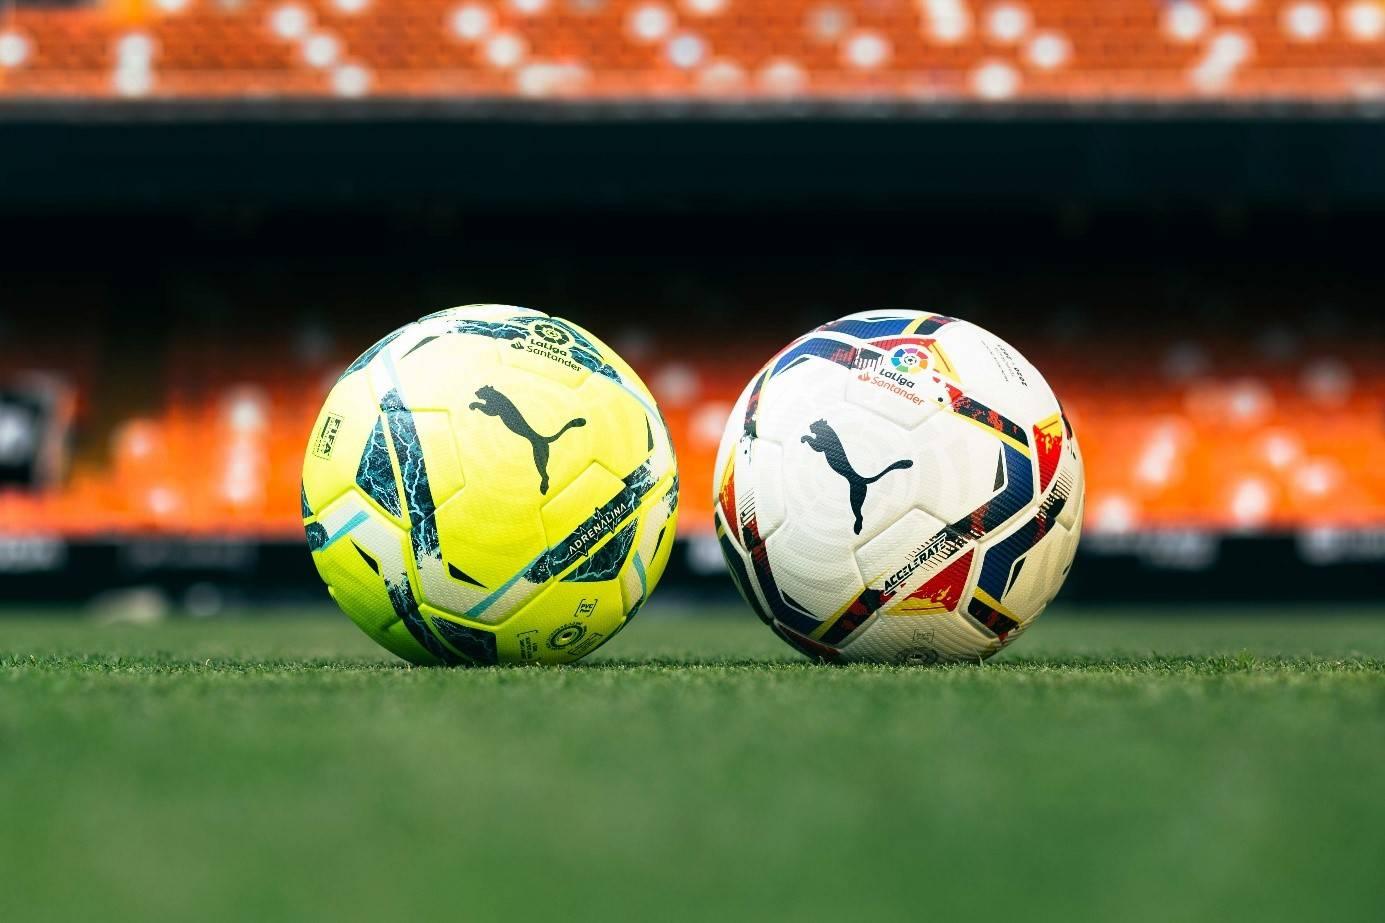 发布两款新赛季官方竞赛用球